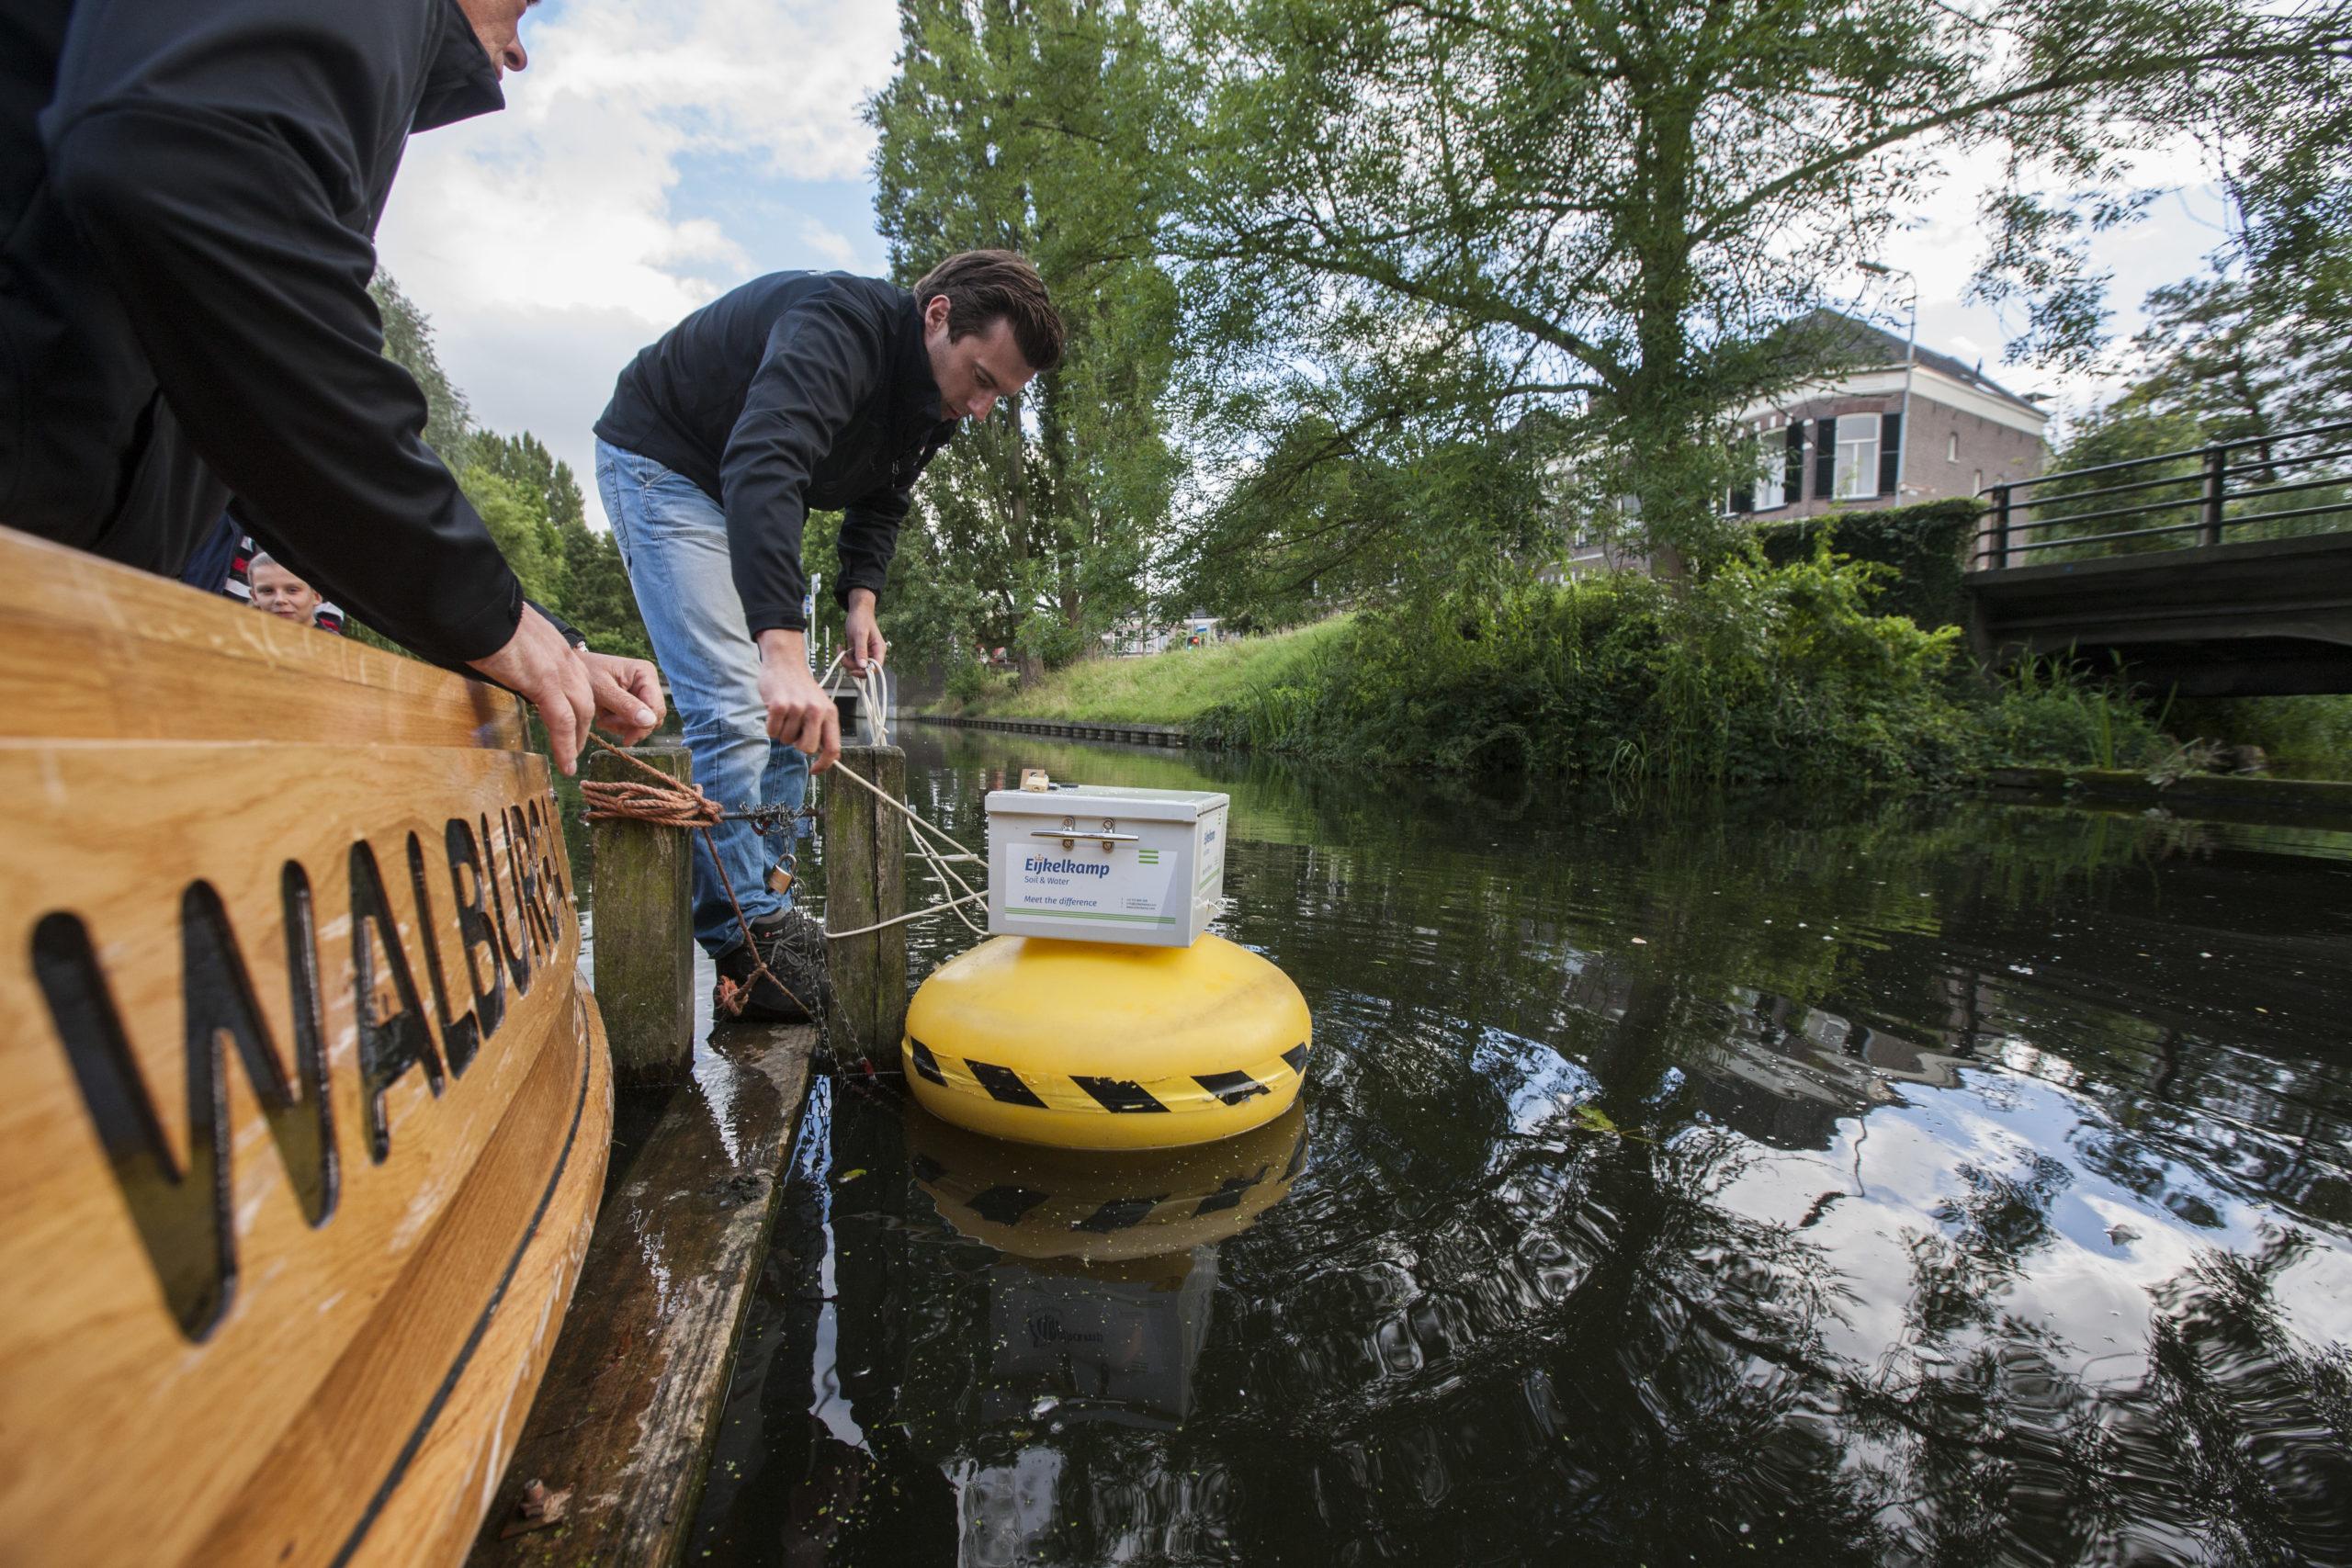 Voor zwemevenement in de Berkel is een speciale boei ontwikkeld met sensoren, die de waterkwaliteit meten. Leon van Hamersveld plaatst de boei in de Berkel. ©Patrick van Gemert